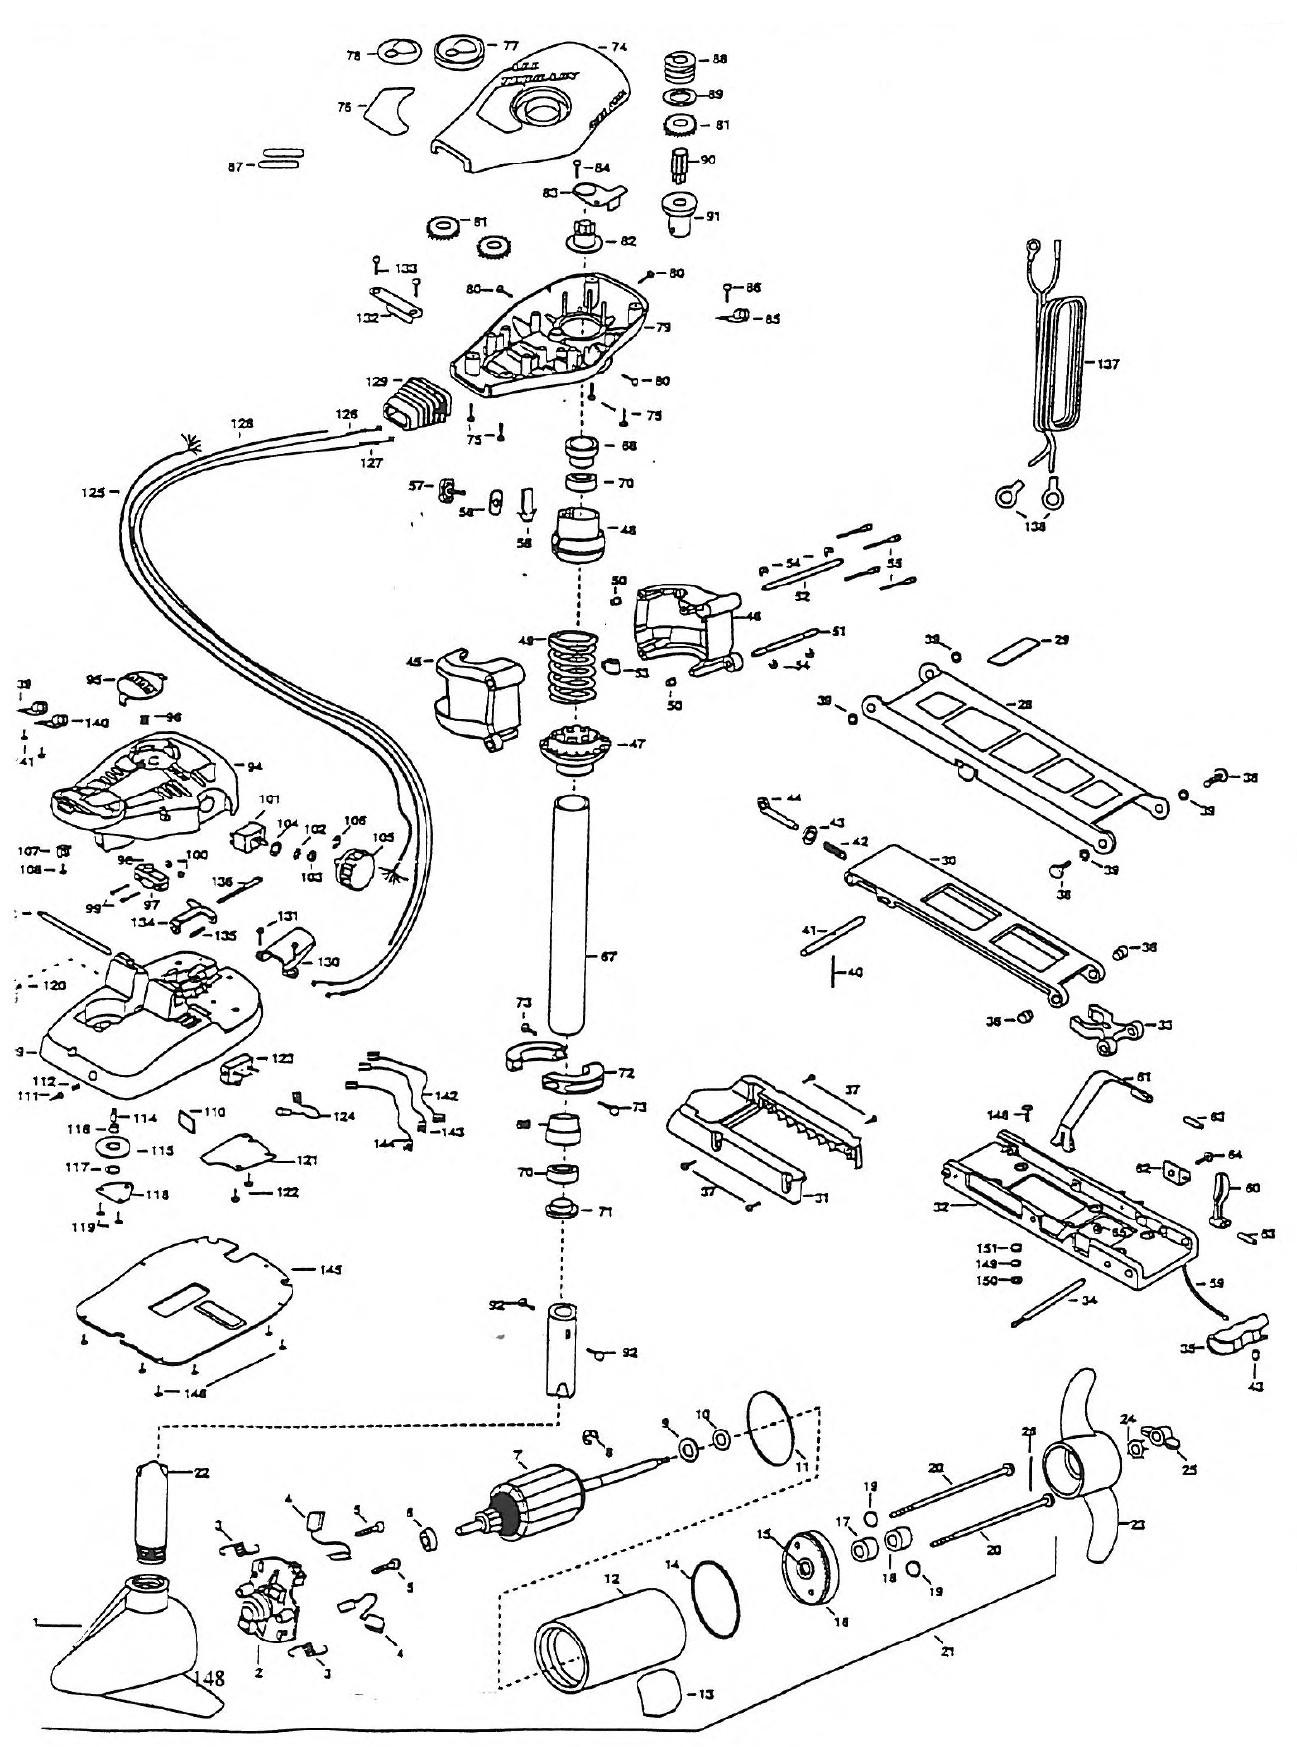 Minn kota Terrova Service manual